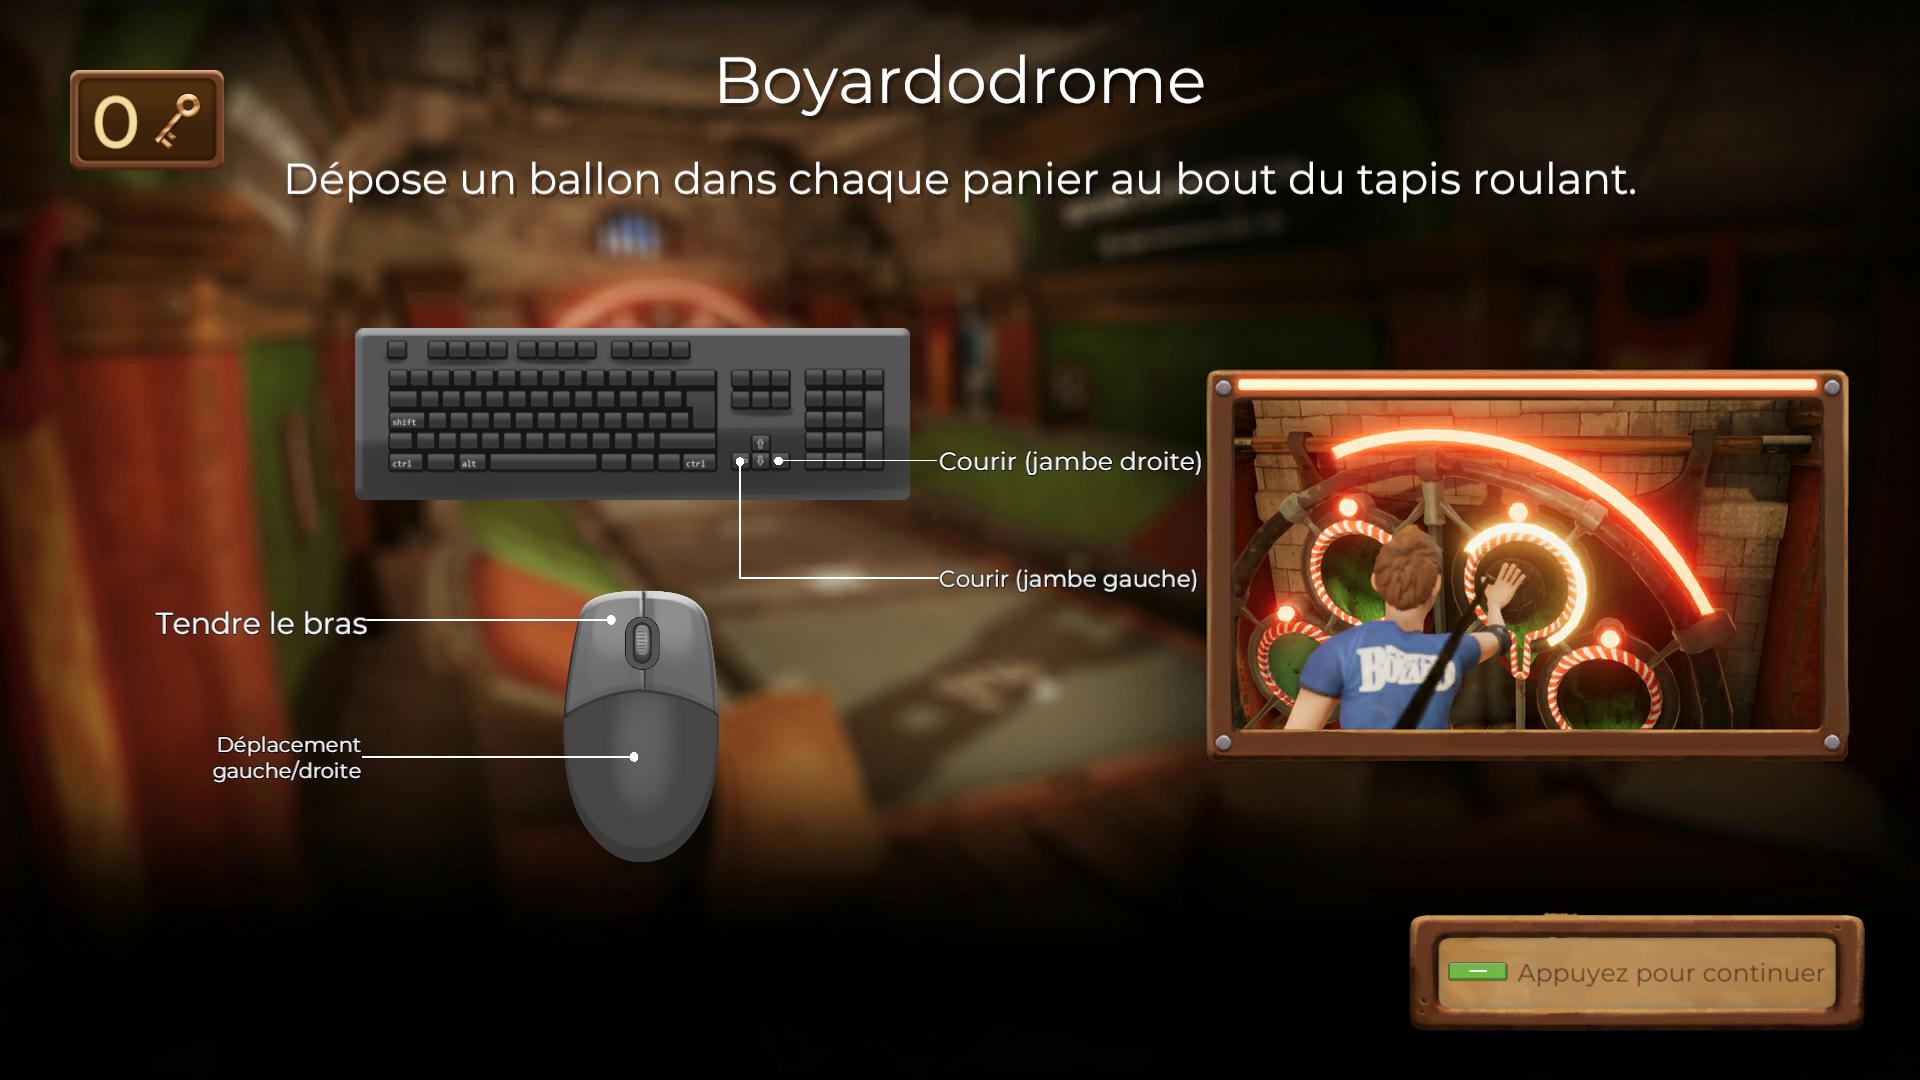 Jeu vidéo Fort Boyard de Microids - PC/Switch/PS4/Xbox One - 2019, 2020 et 2021 - Page 6 1561636490-1058330-20190627120516-1